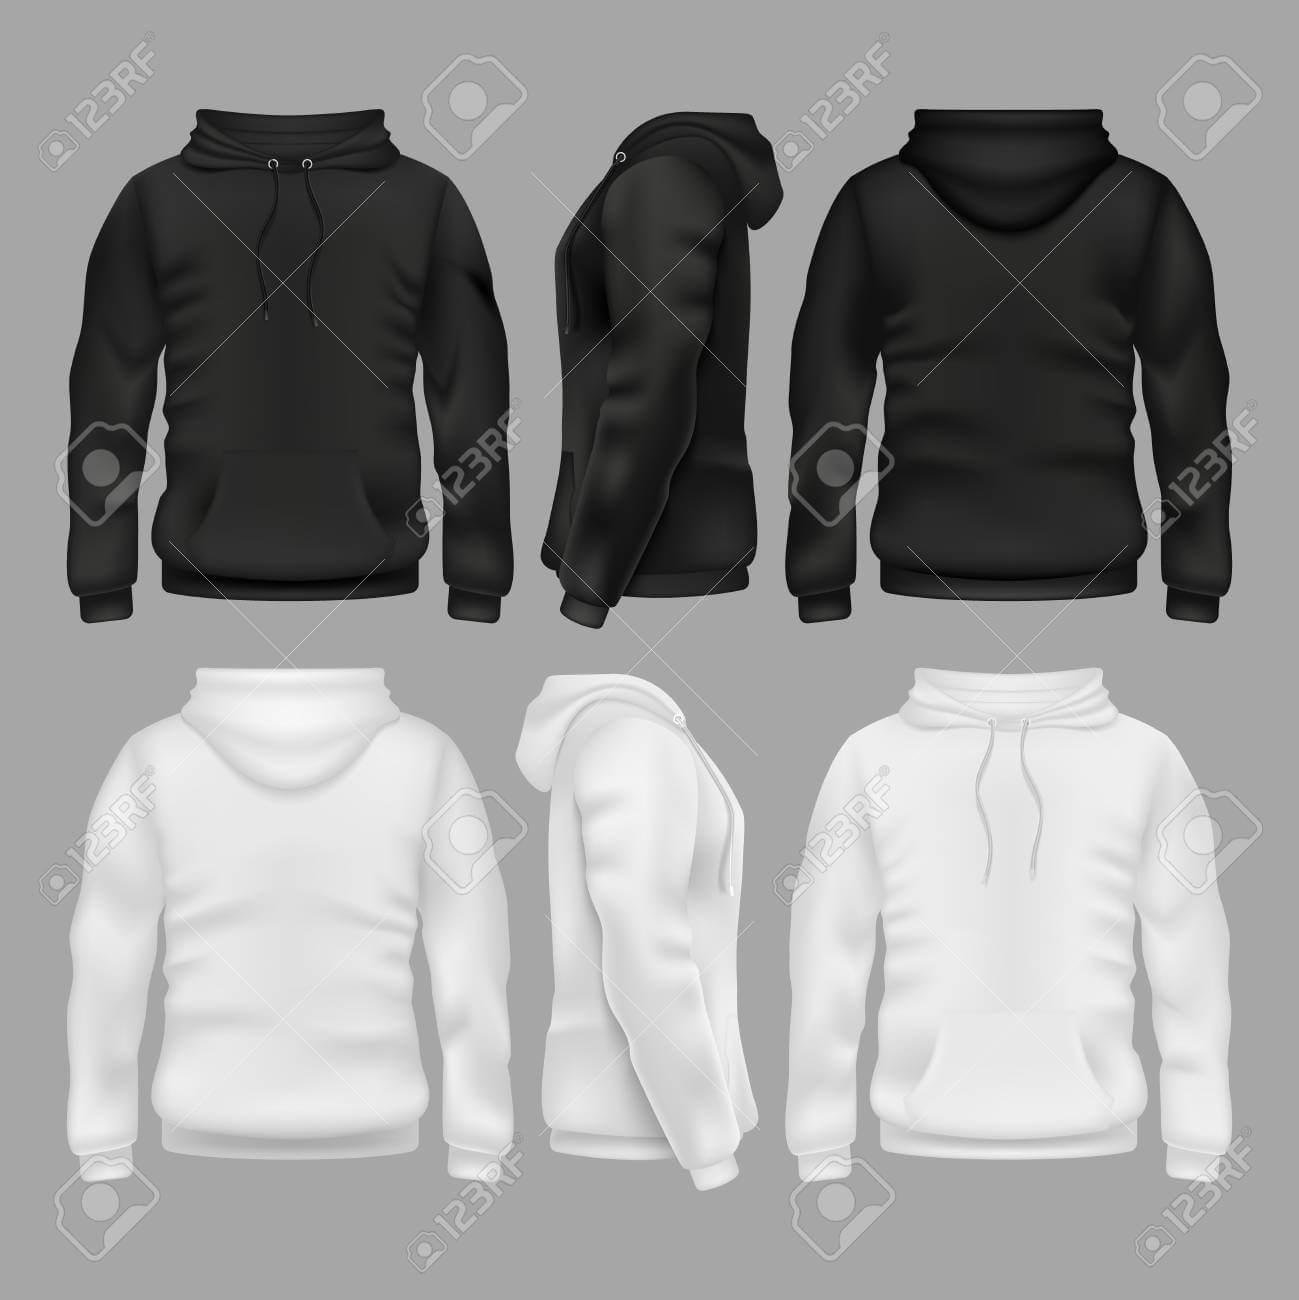 Black And White Blank Sweatshirt Hoodie Vector Templates Pertaining To Blank Black Hoodie Template